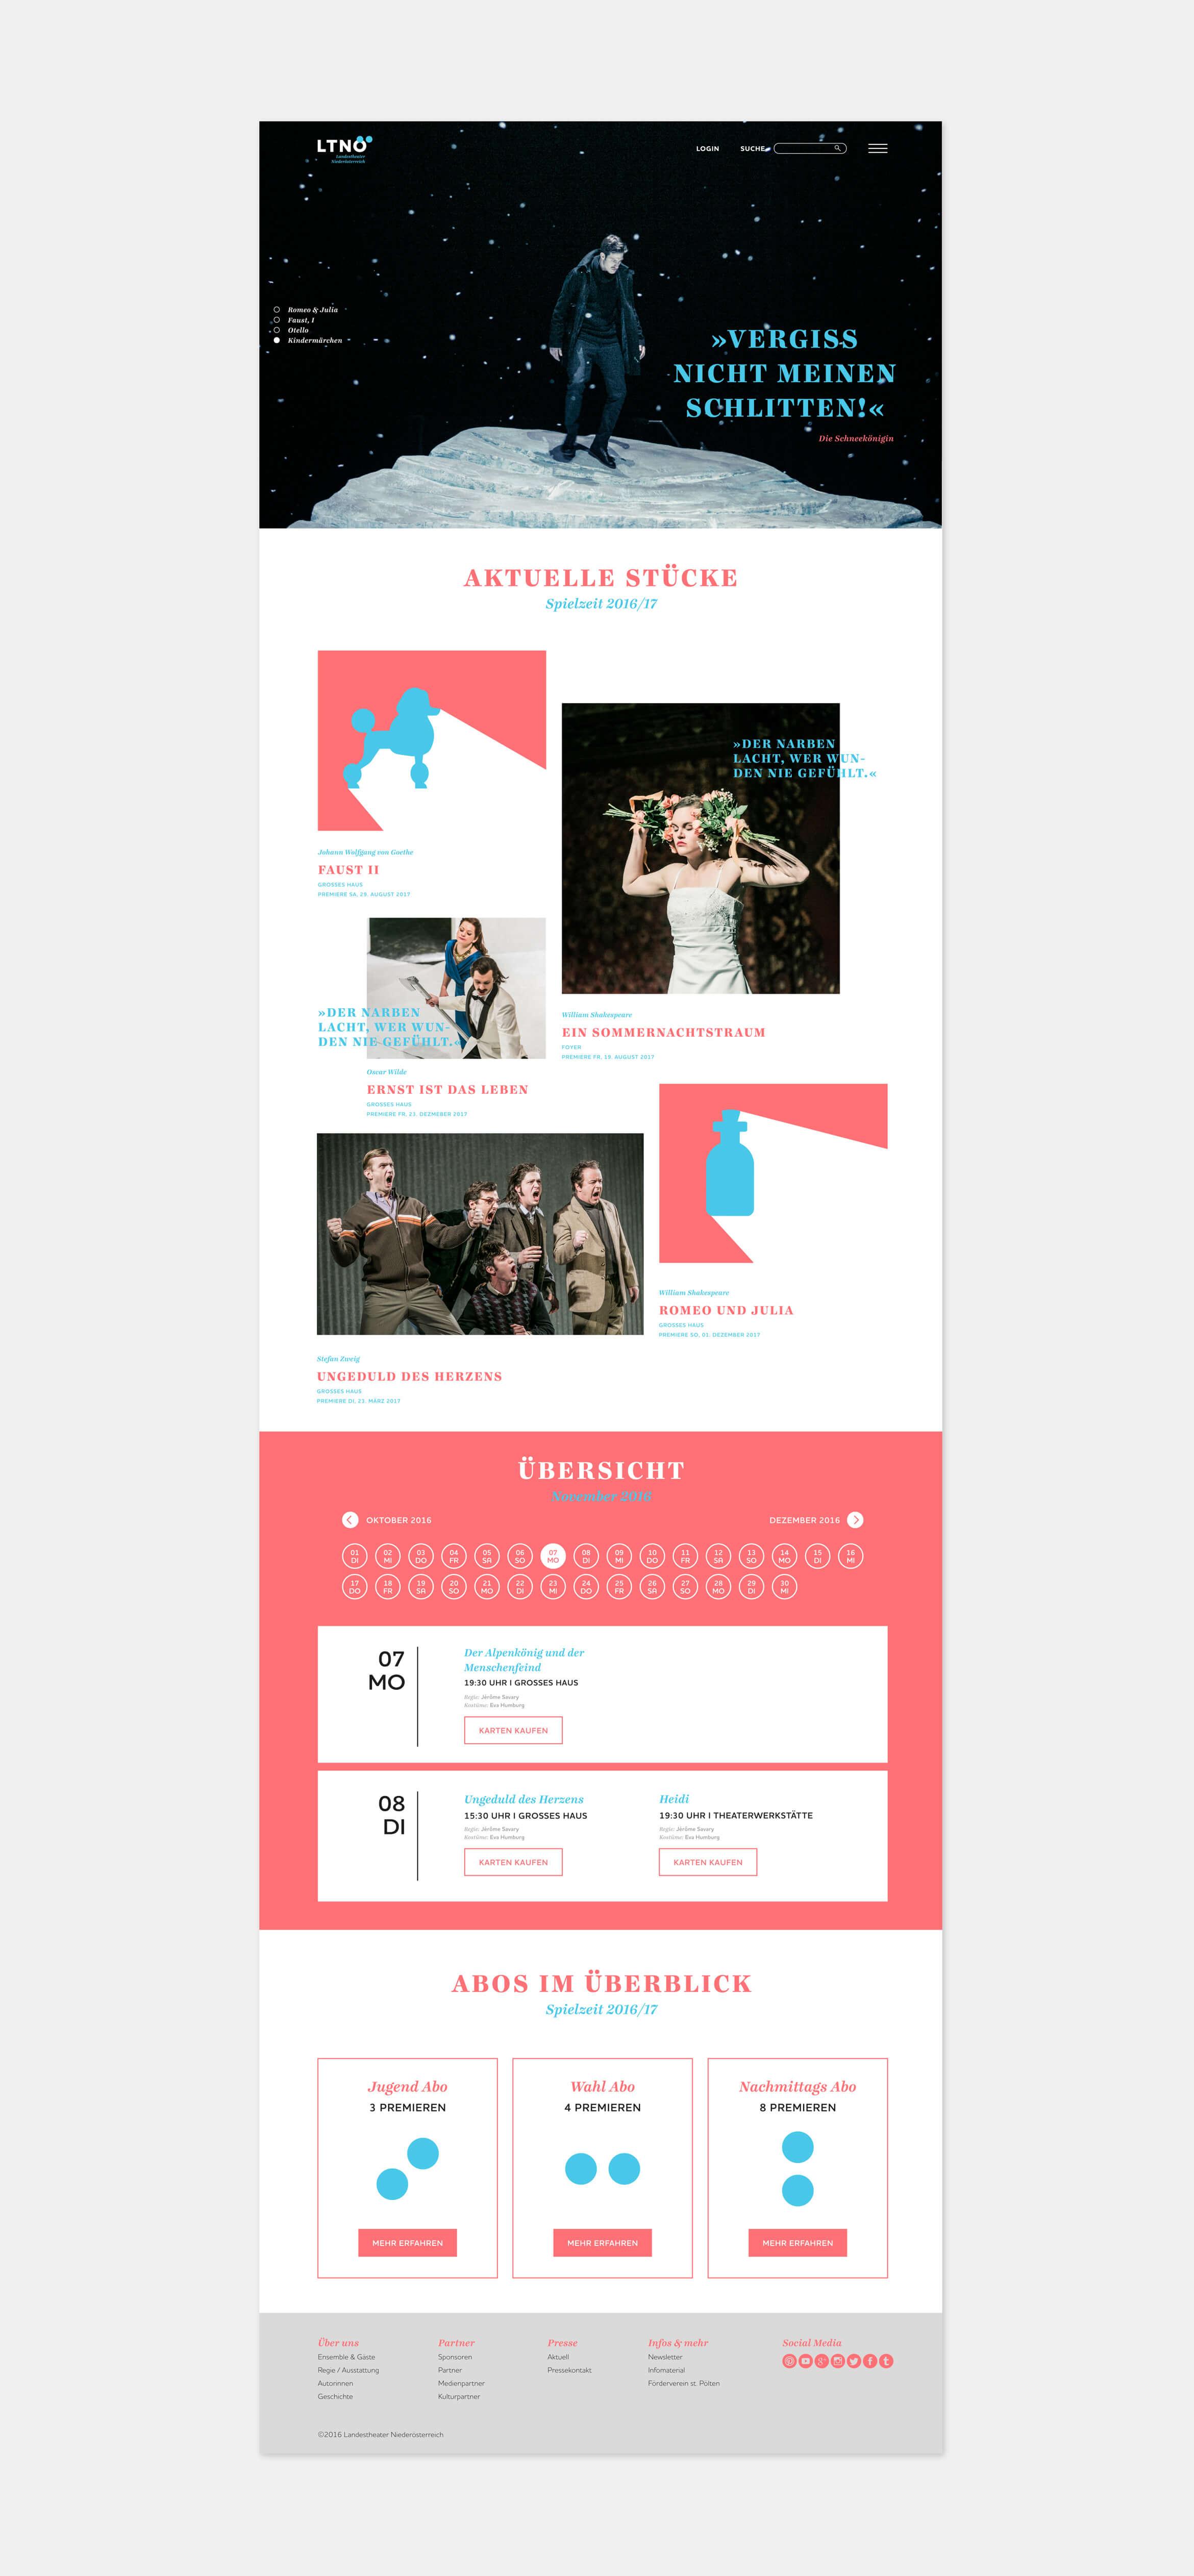 dreizehnundfuenf_design_studio_landestheater_17